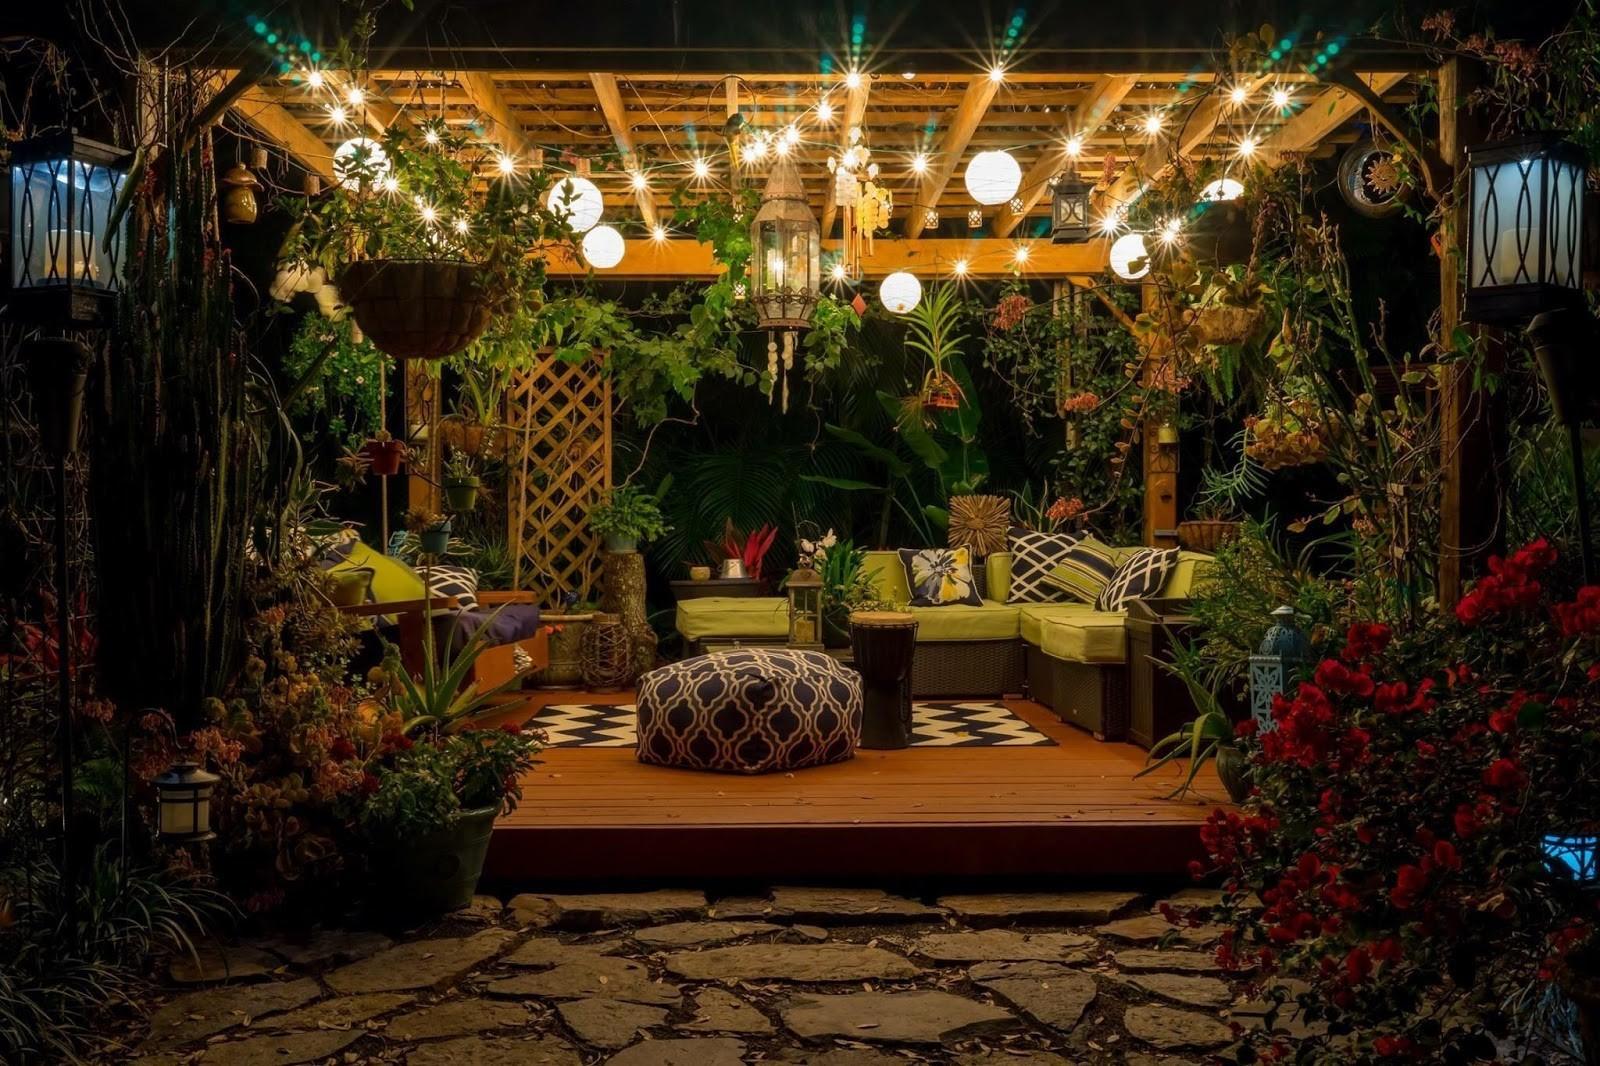 4.SIMPHOME.COM 10 Ideas how to make backyard privacy landscaping Add a Pergola